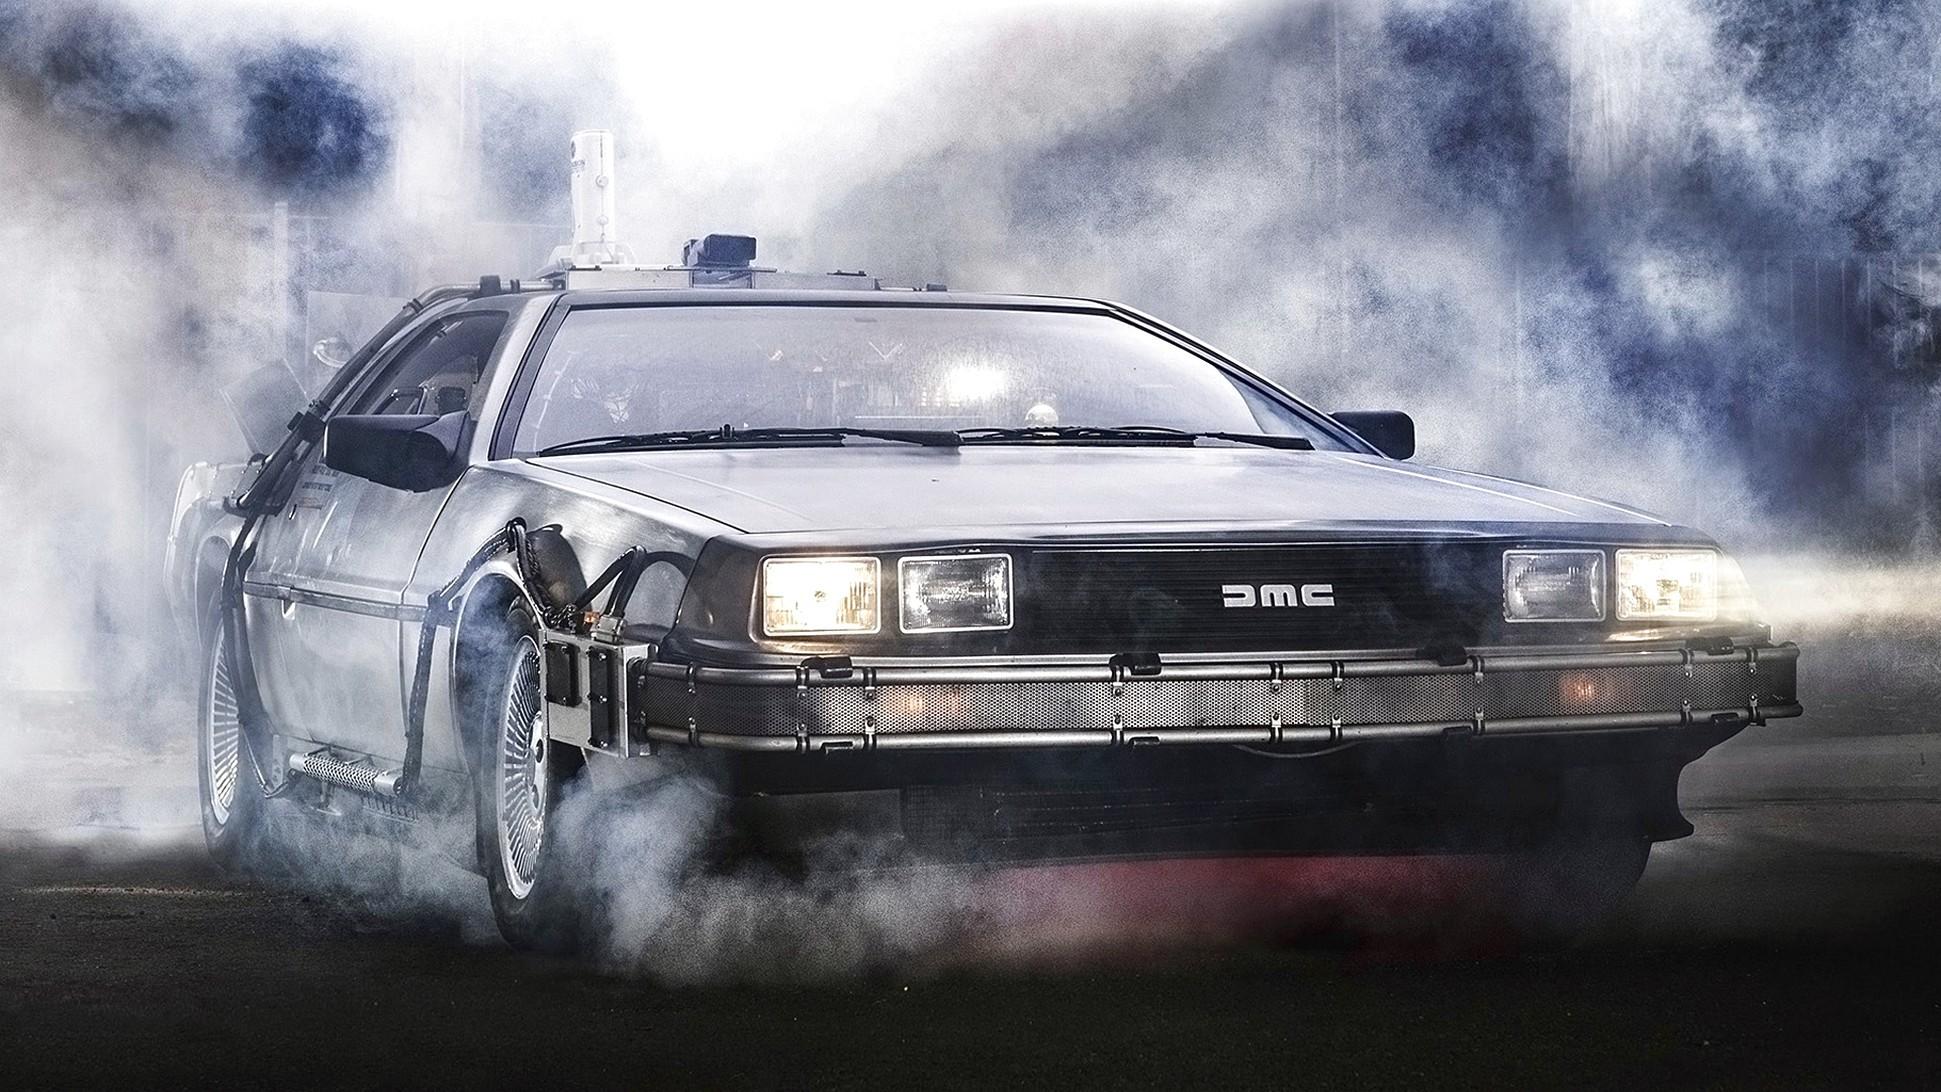 1985 Delorean Dmc 12 Back to the Future V5 Hd Car Wallpaper